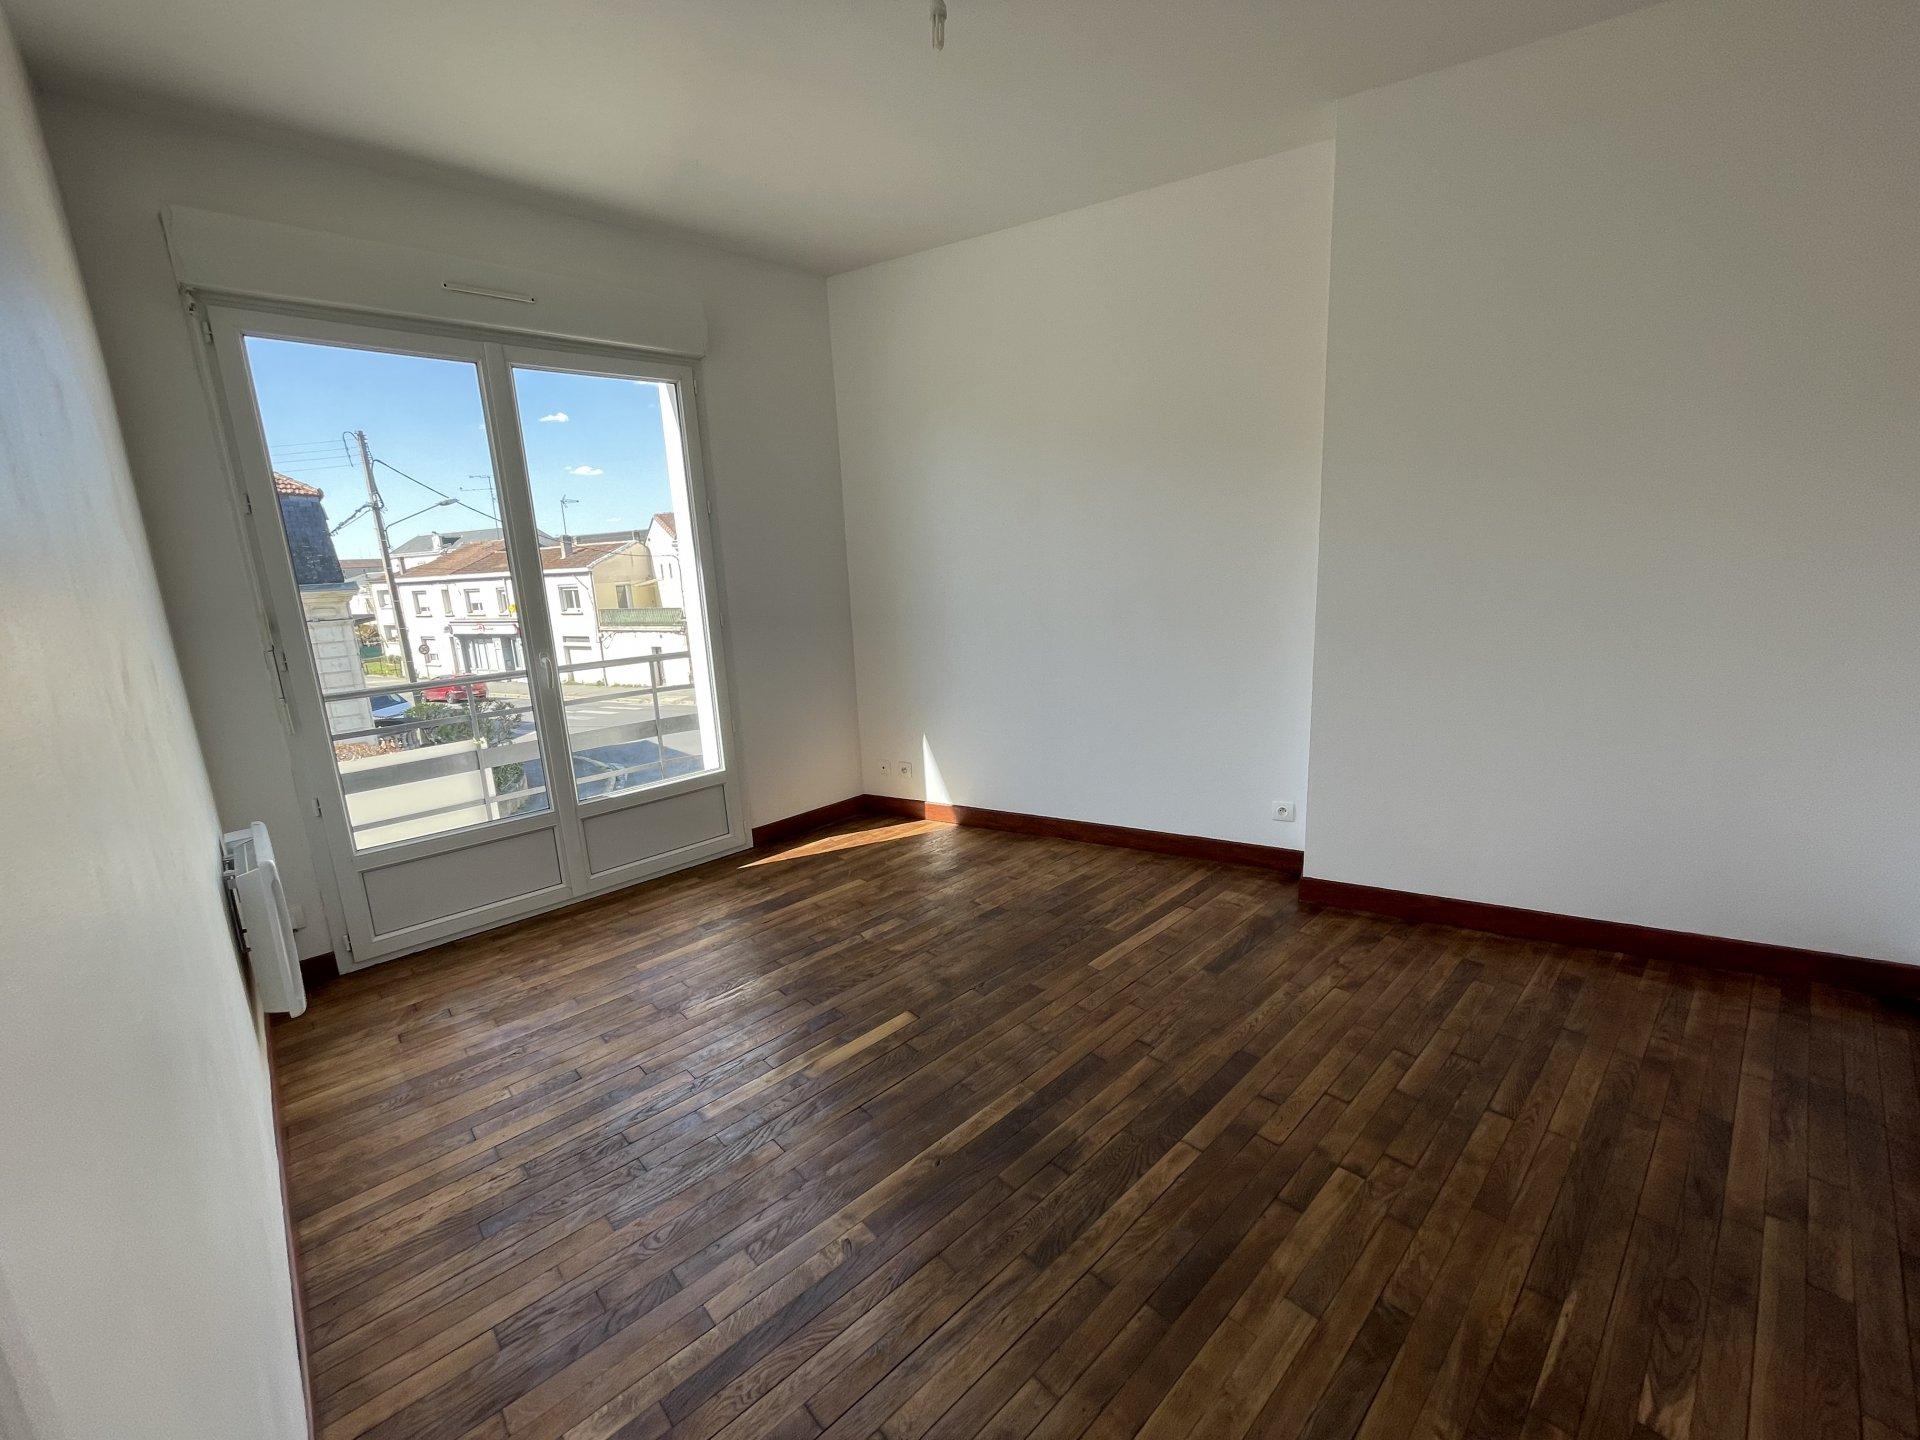 MAISON DE VILLE DE 105 m²